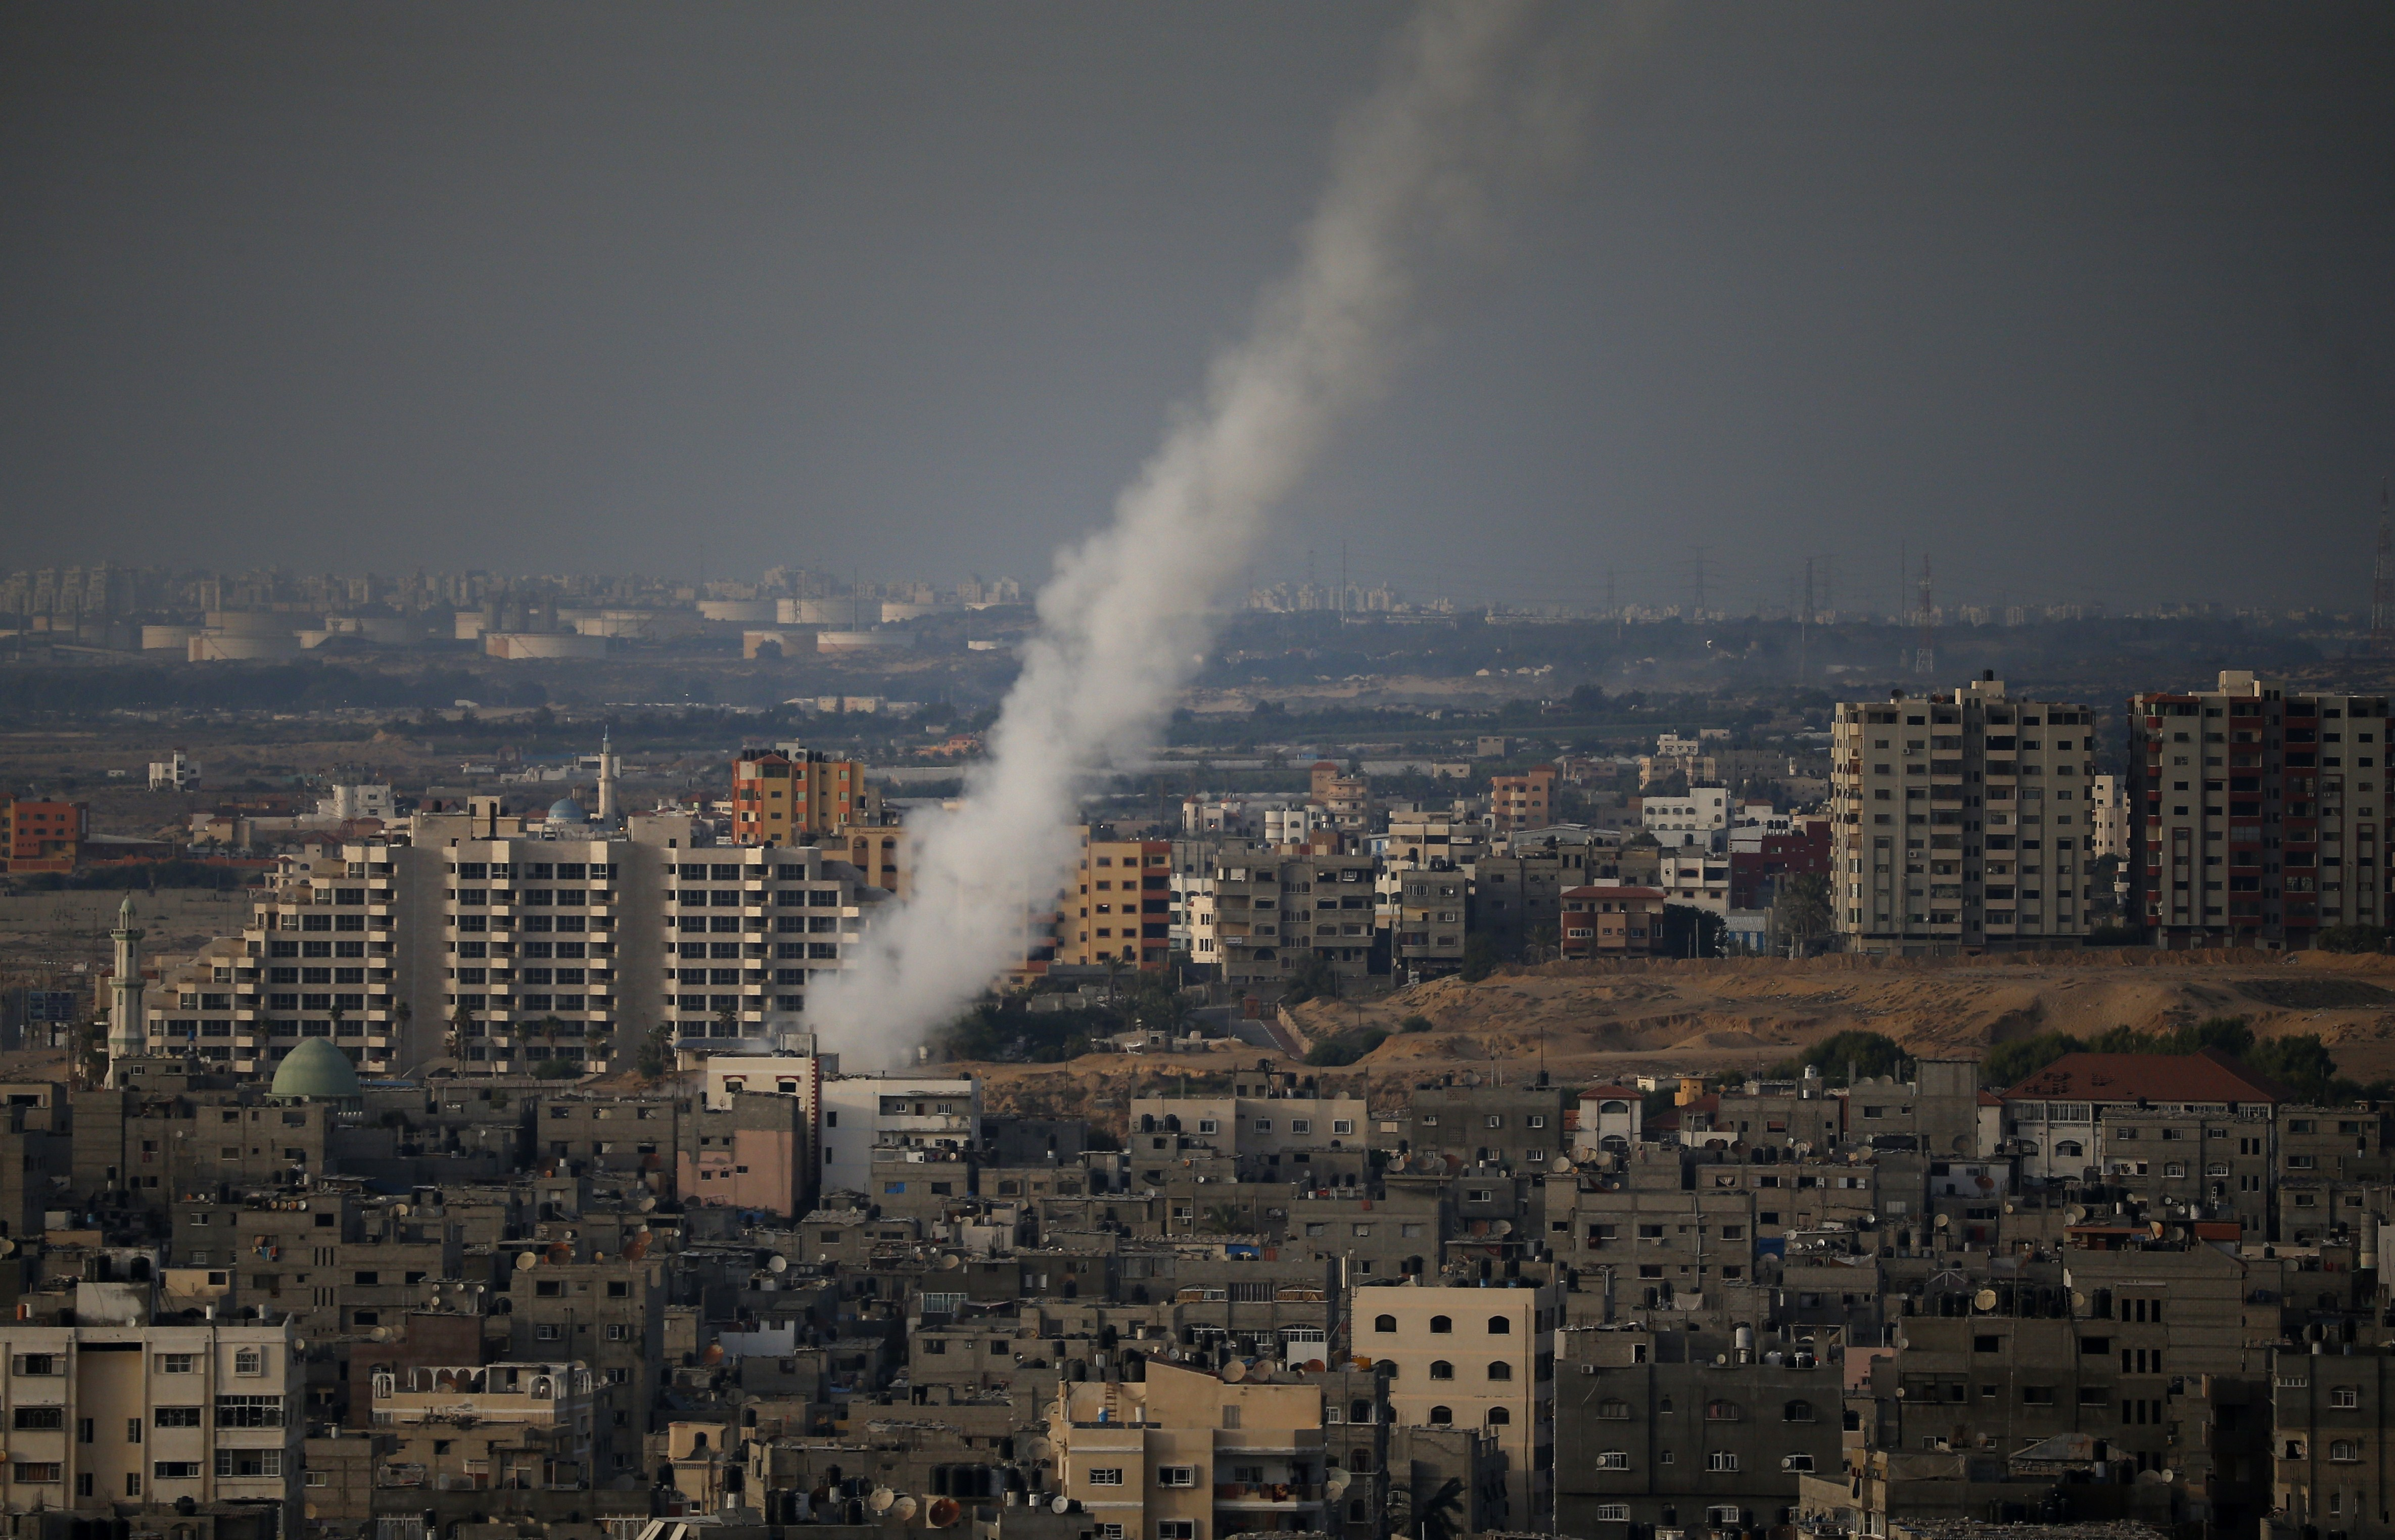 Hamas hackt israelisches Fernsehen und zeigt Bilder von Opfern